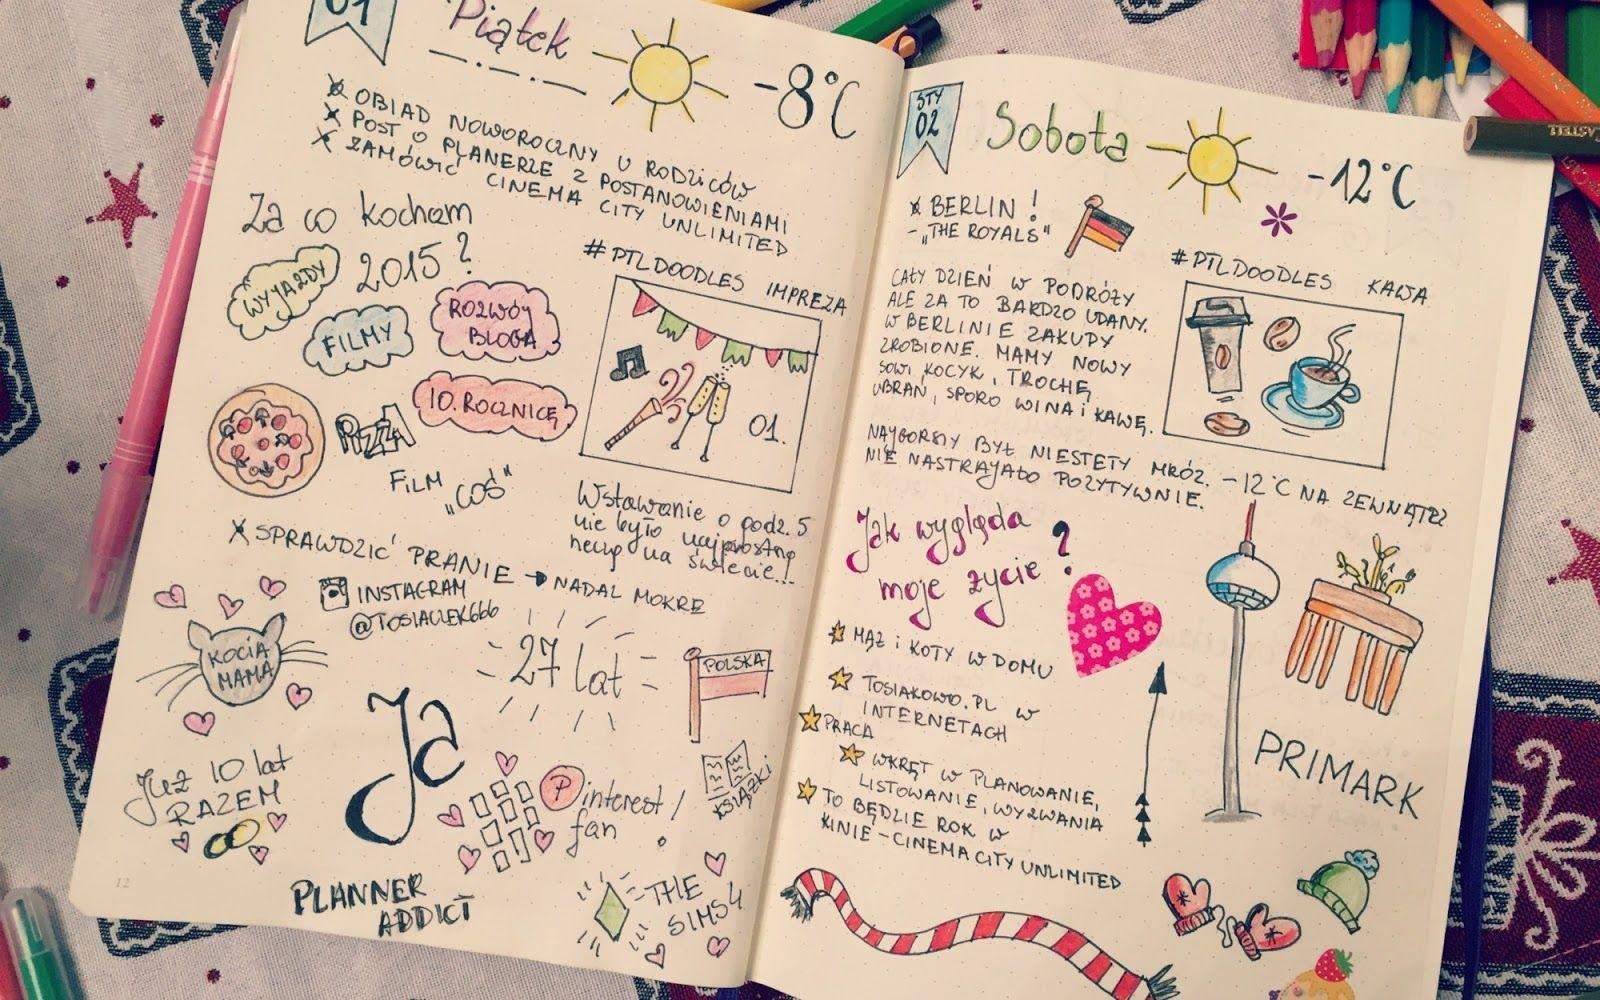 Tosiakowo | grafika, planowanie, szczęście: Moje kreatywne planowanie, czyli pierwszy tydzień z #bulletjournal